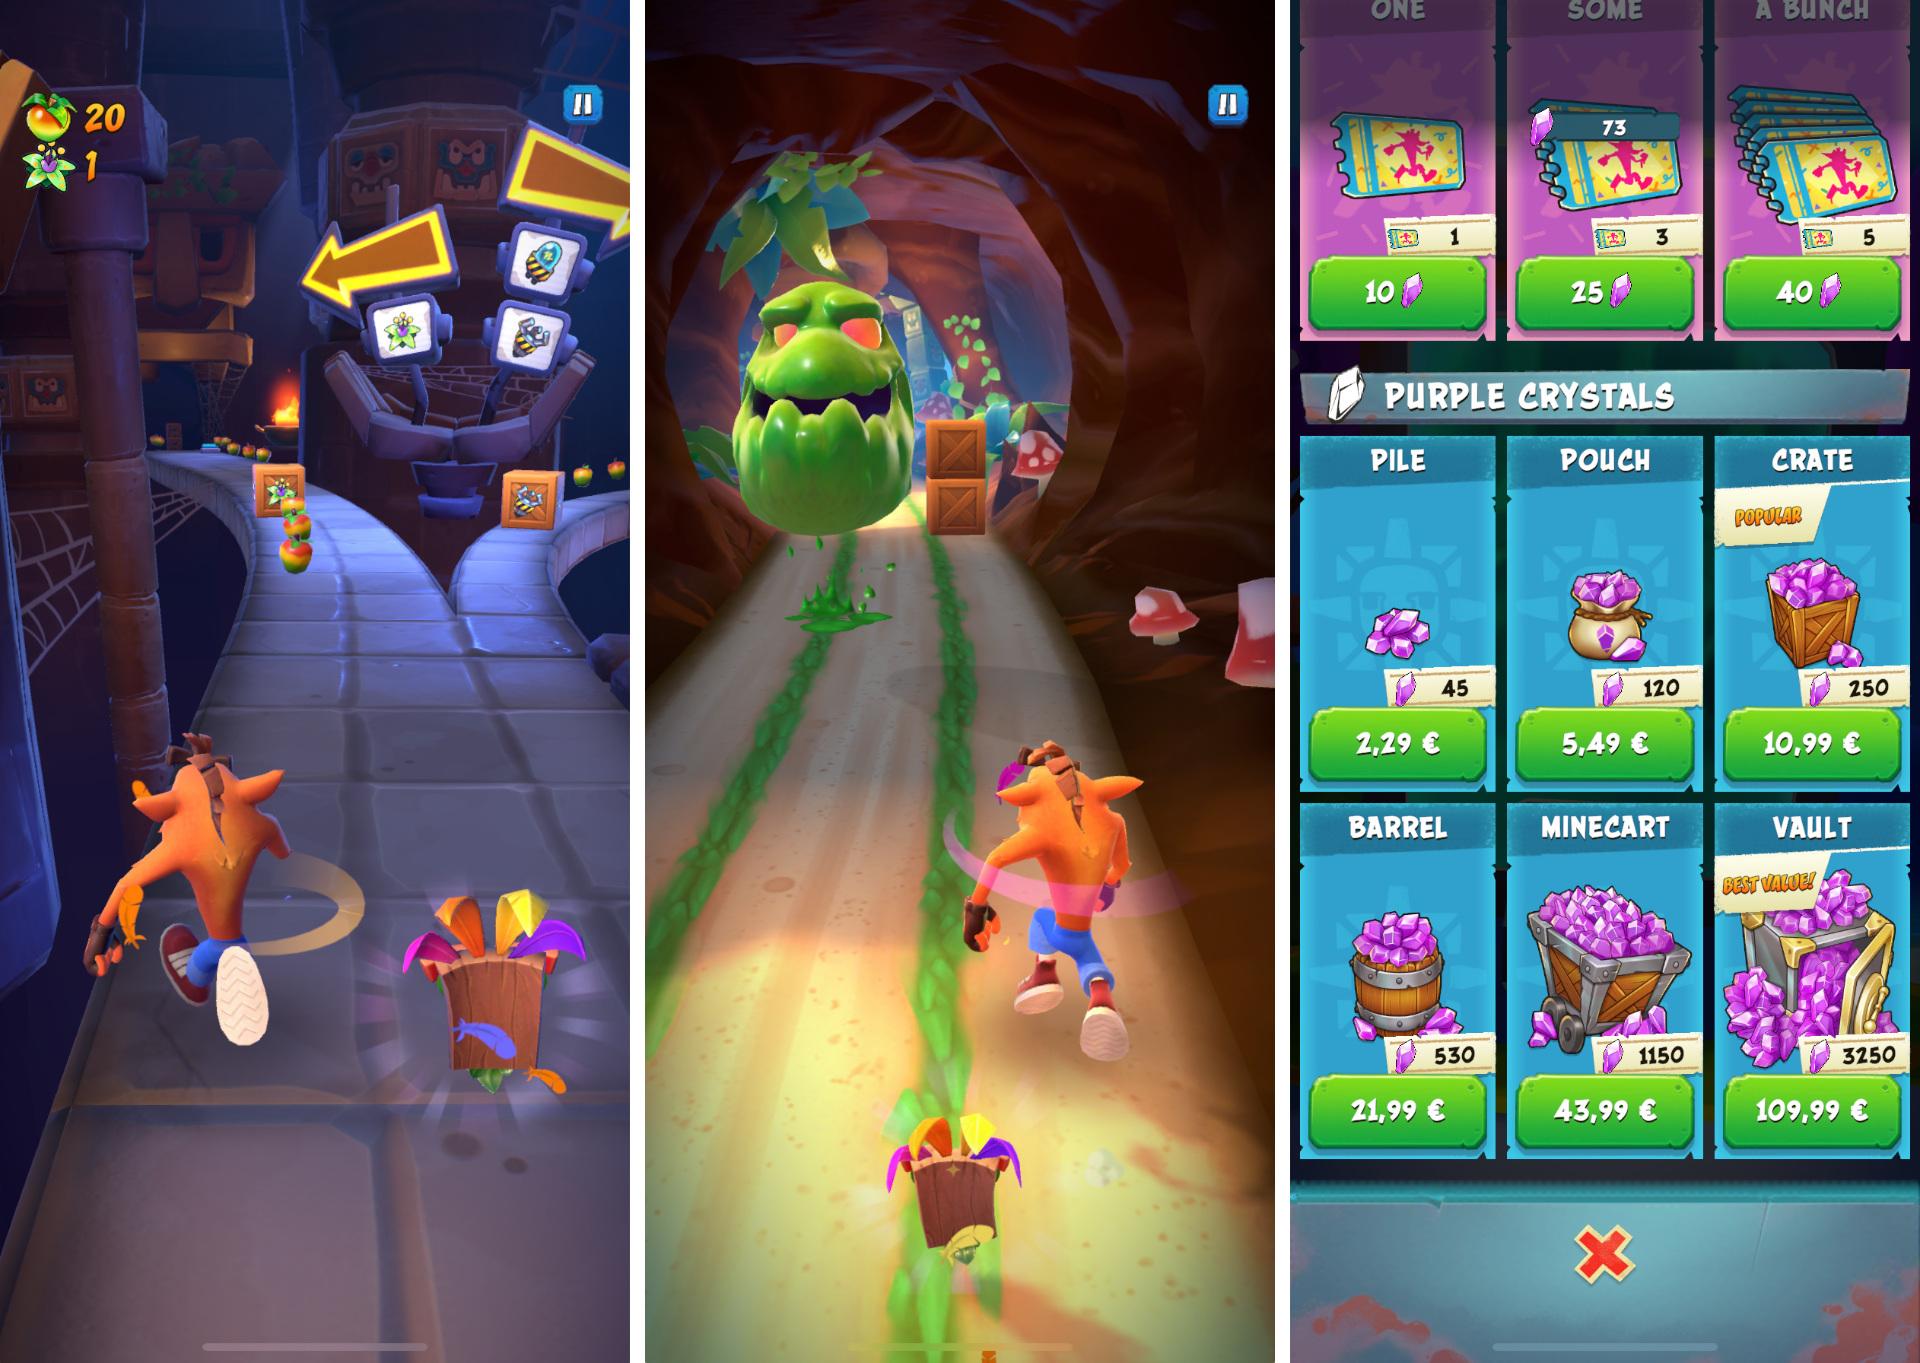 Agresívne mikrotransakcie kazia dojem z hry.